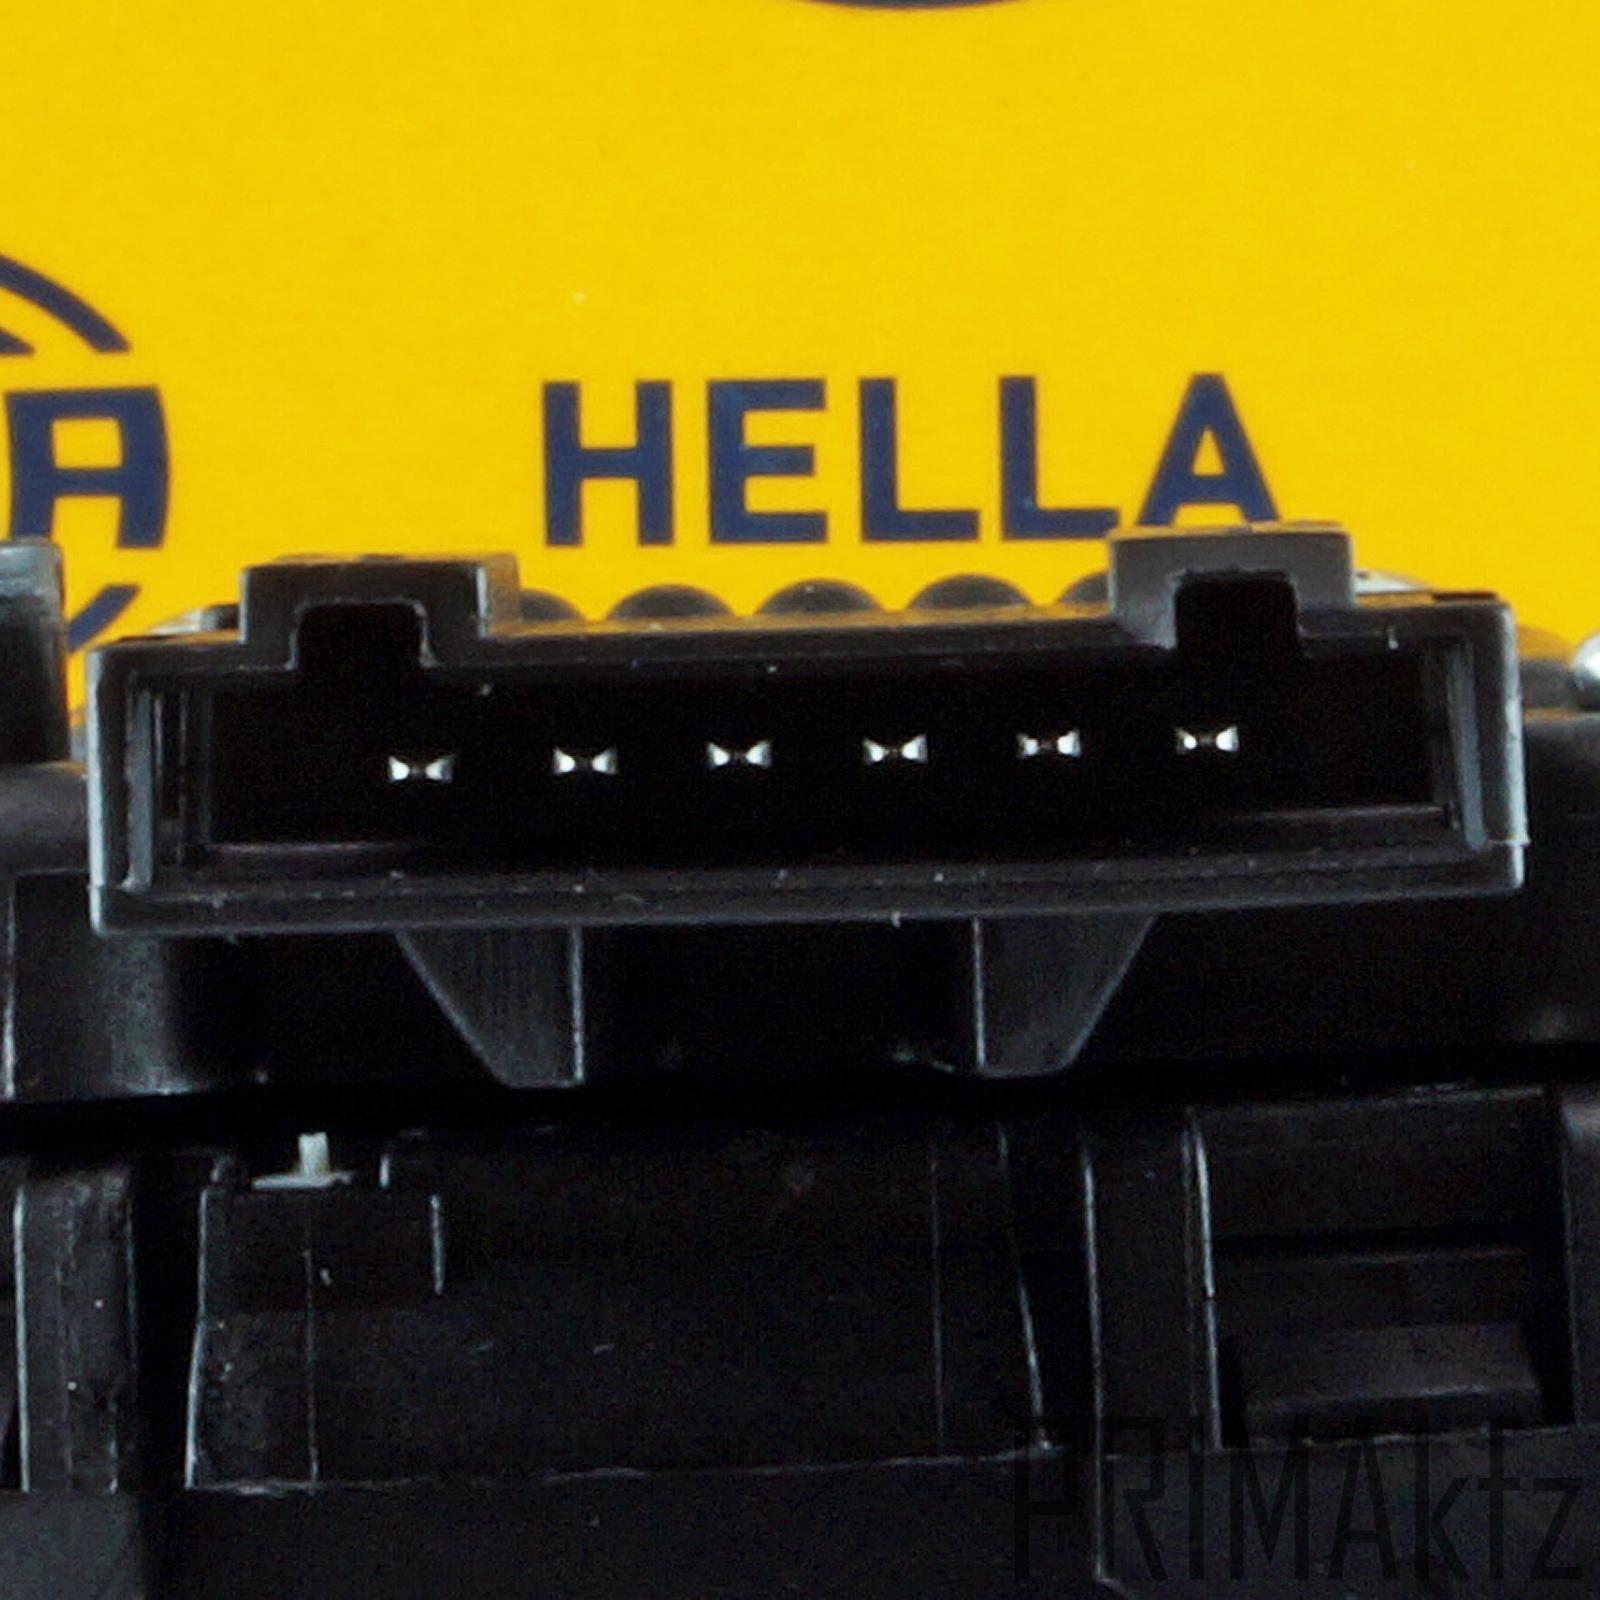 Sensor Fahrpedalstellung für Gemischaufbereitung HELLA 6PV 010 946-361